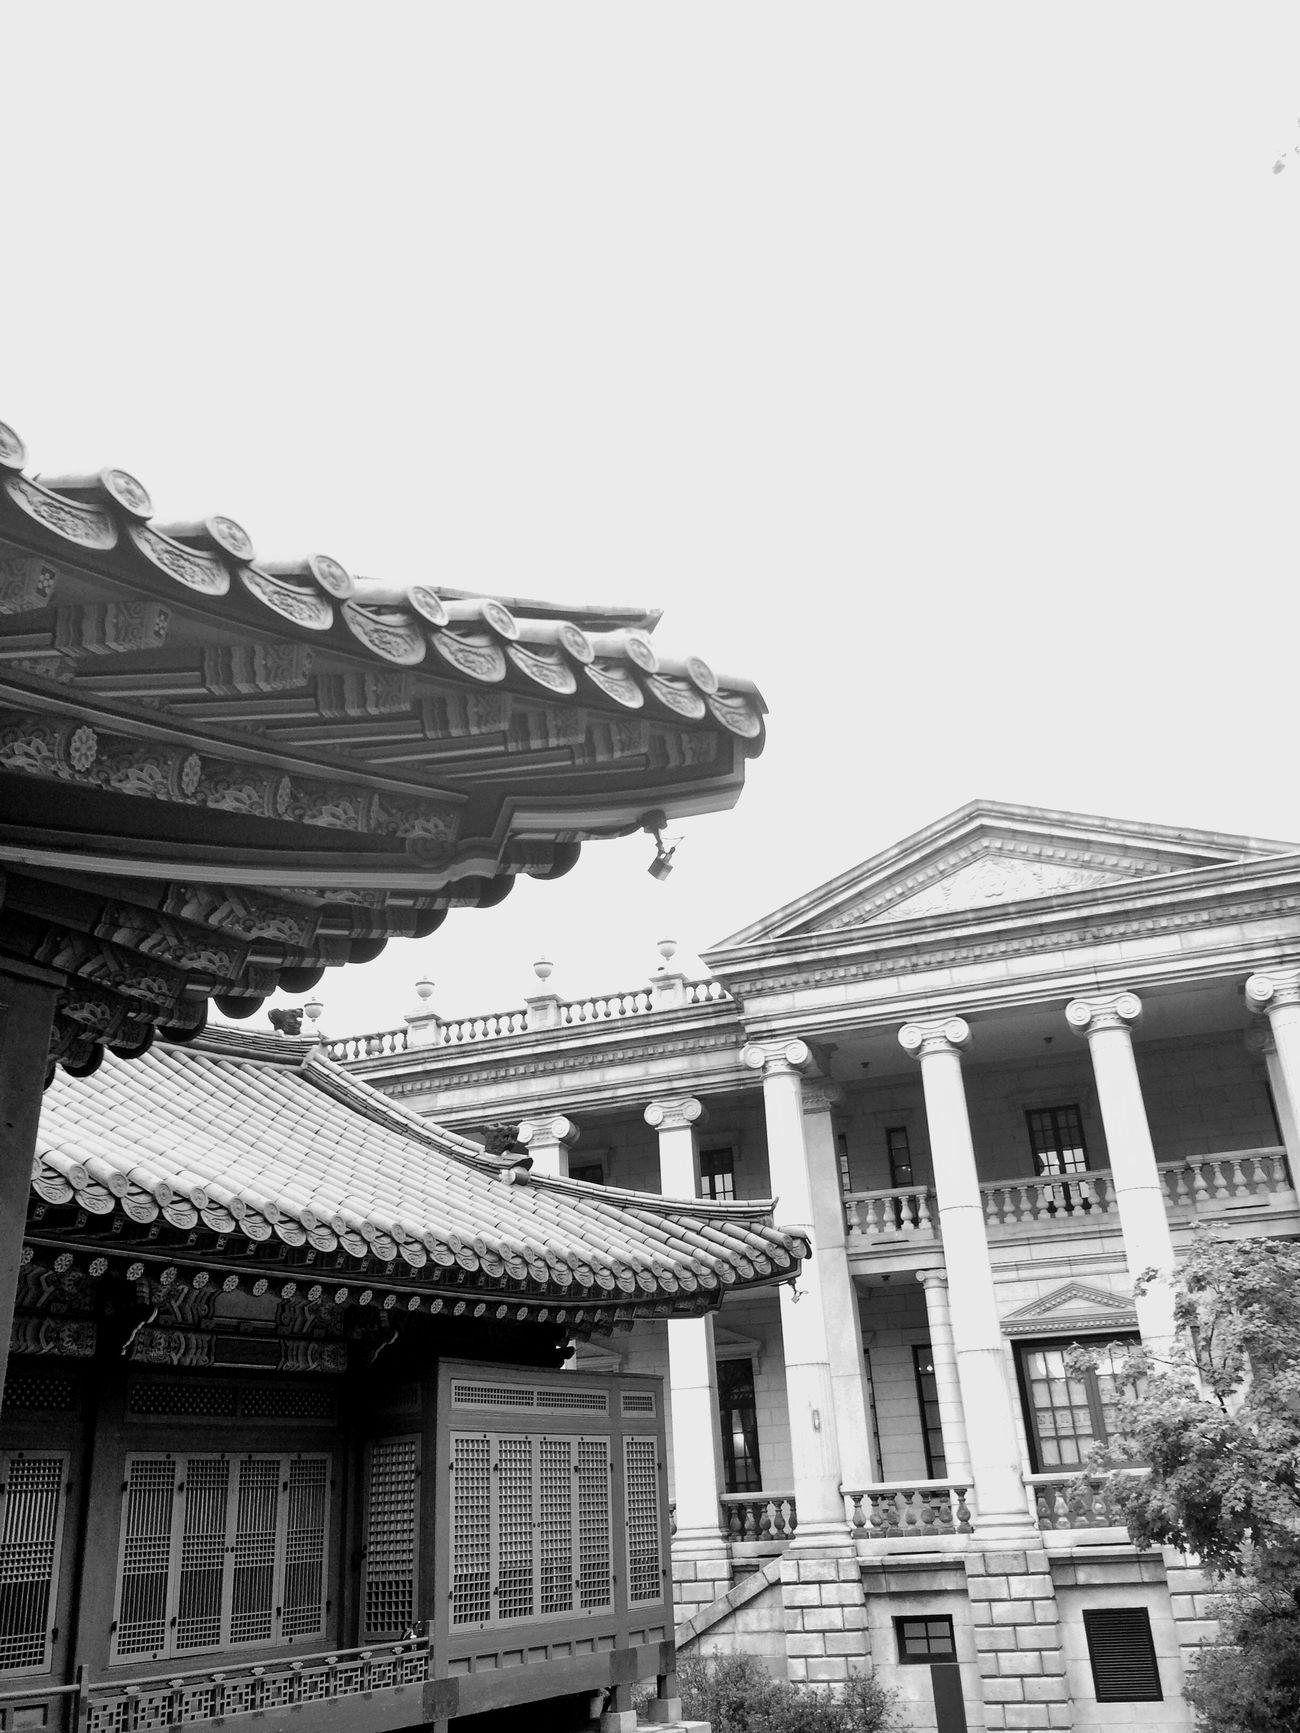 Korea architecture & Western architecture - Collaboration